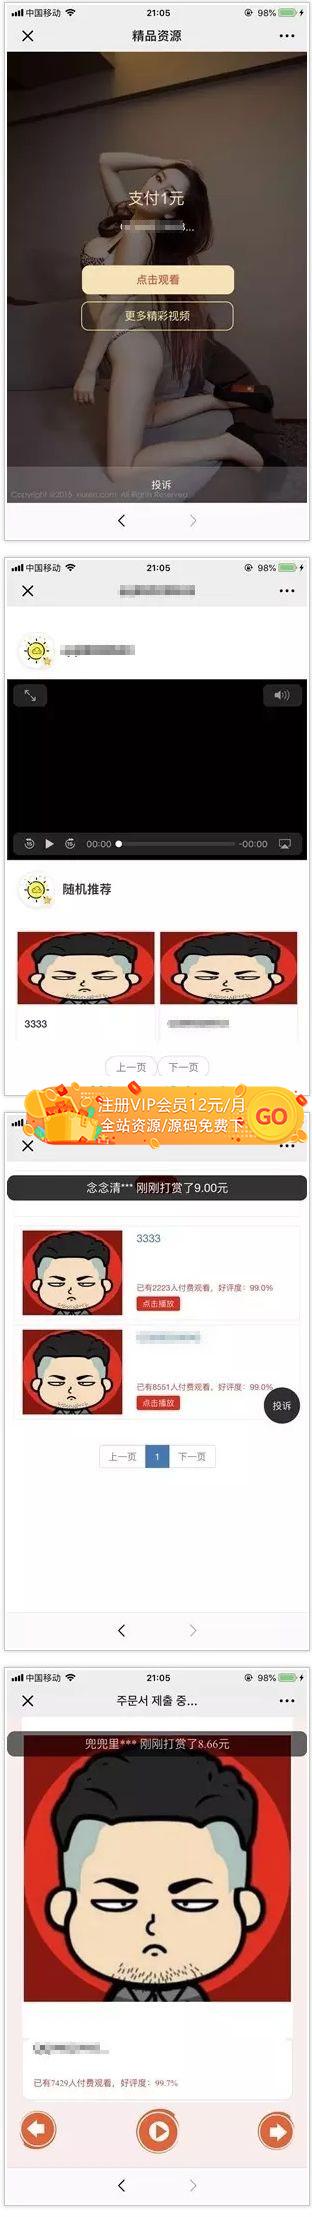 云赏V4.0微信视频打赏源码破解版 VIP会员付费看视频源码